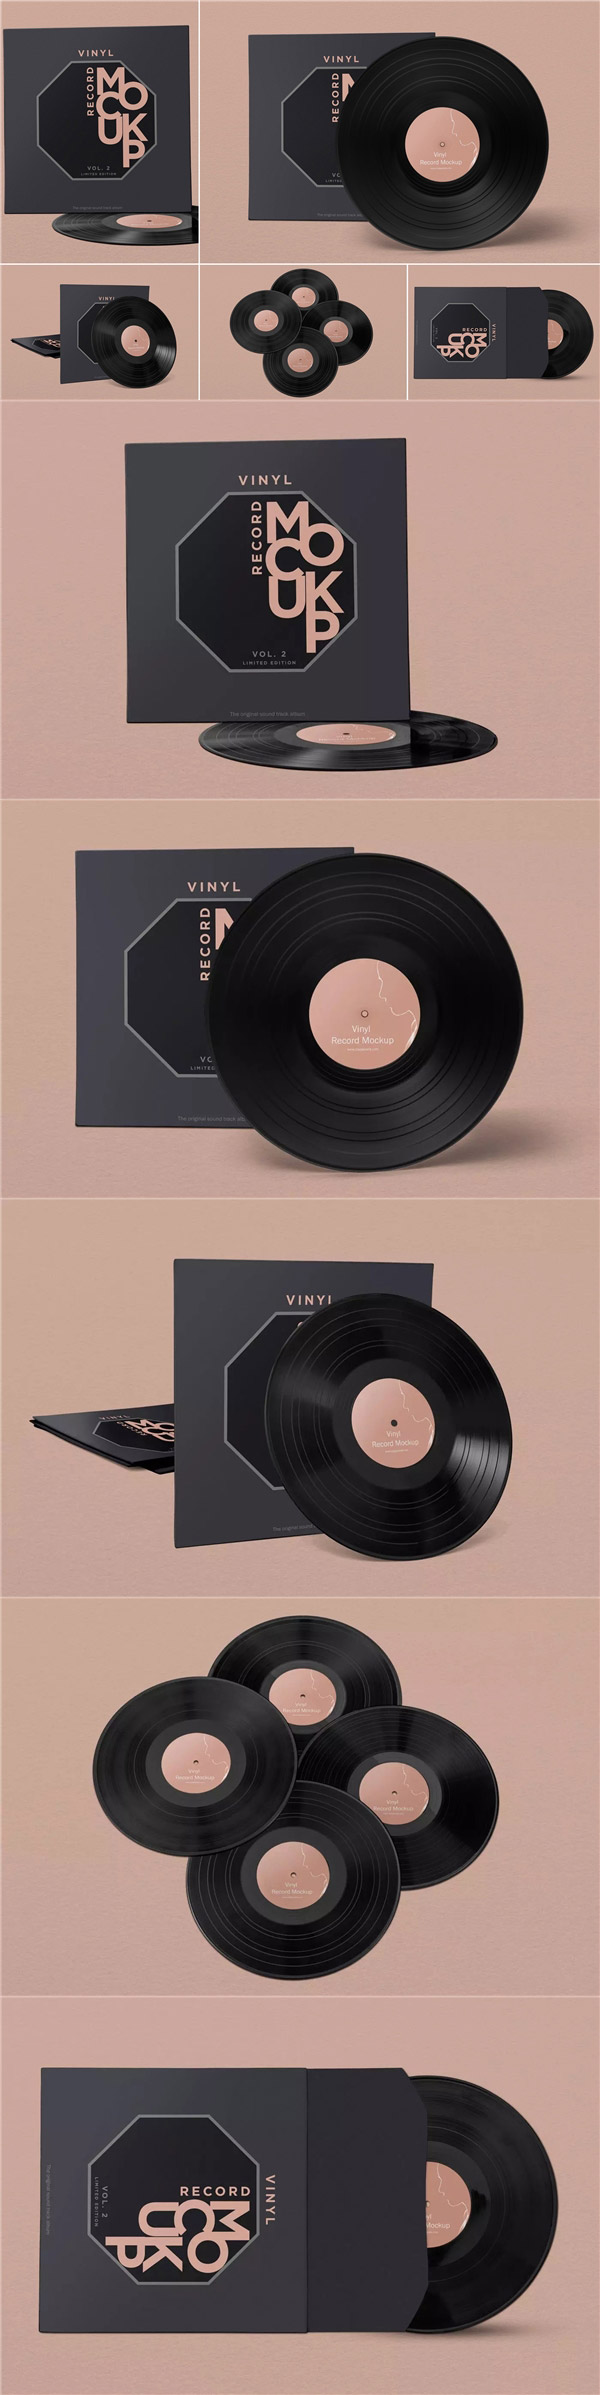 黑胶唱片包装样机